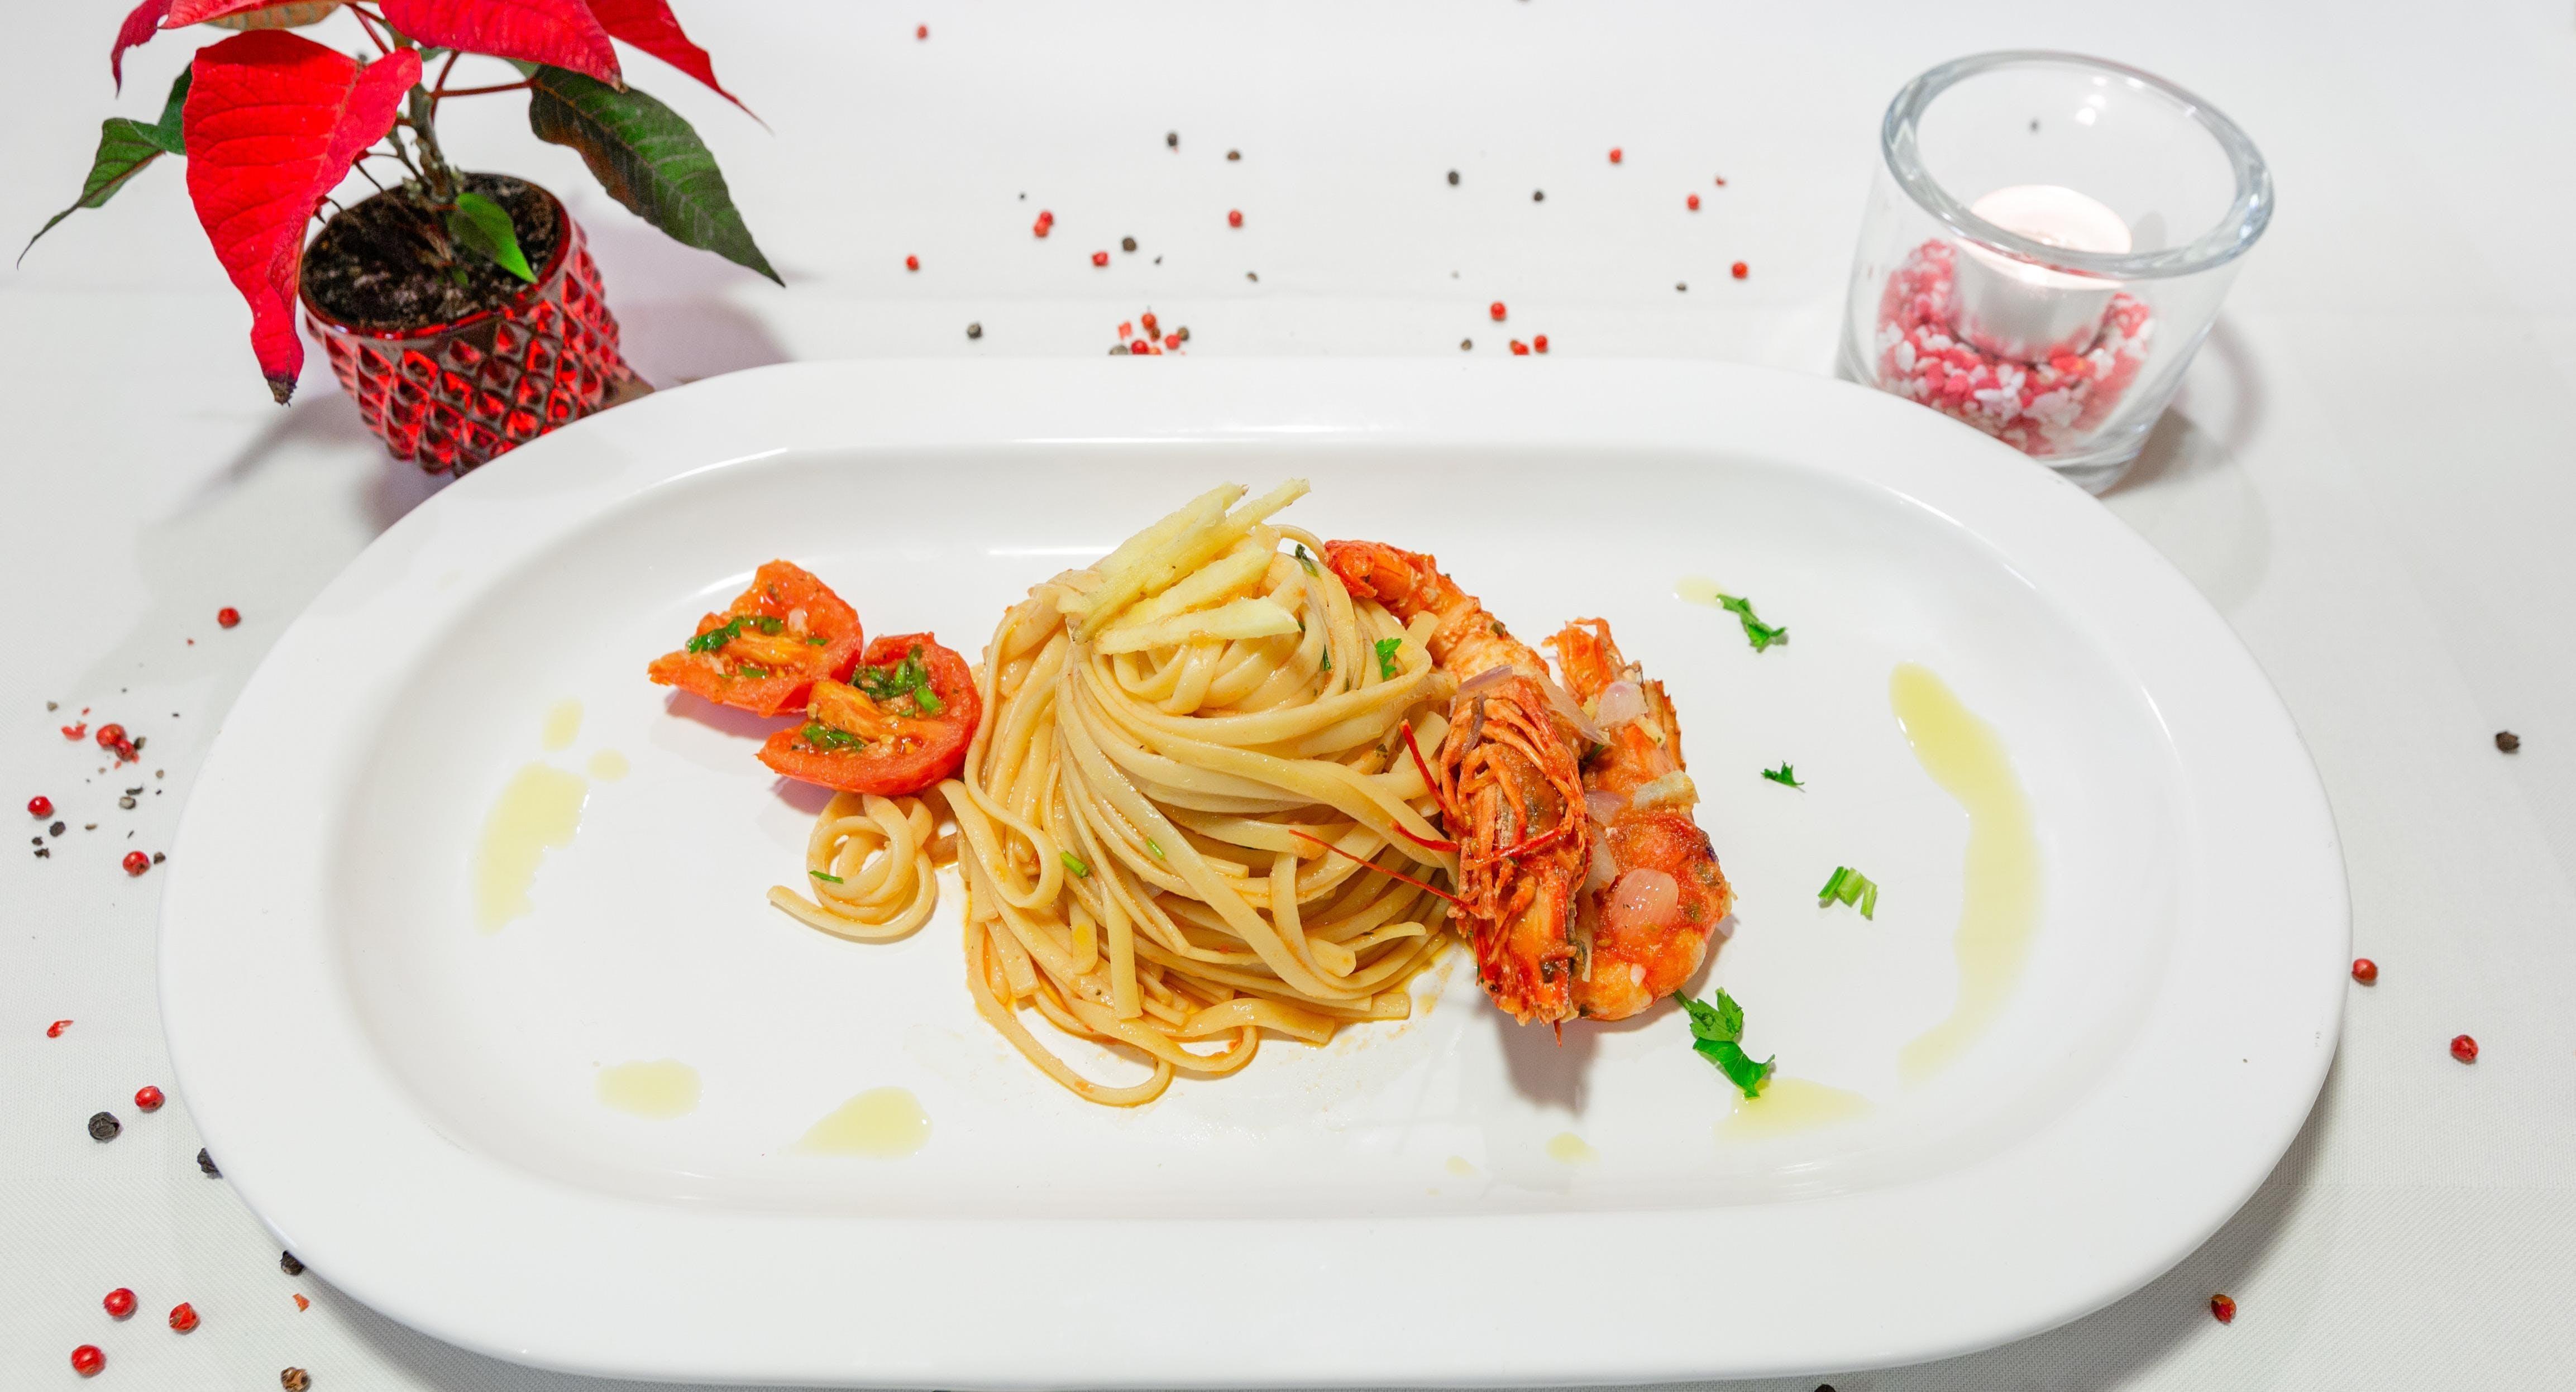 Daniel's Ristorante Italiano Francoforte image 3